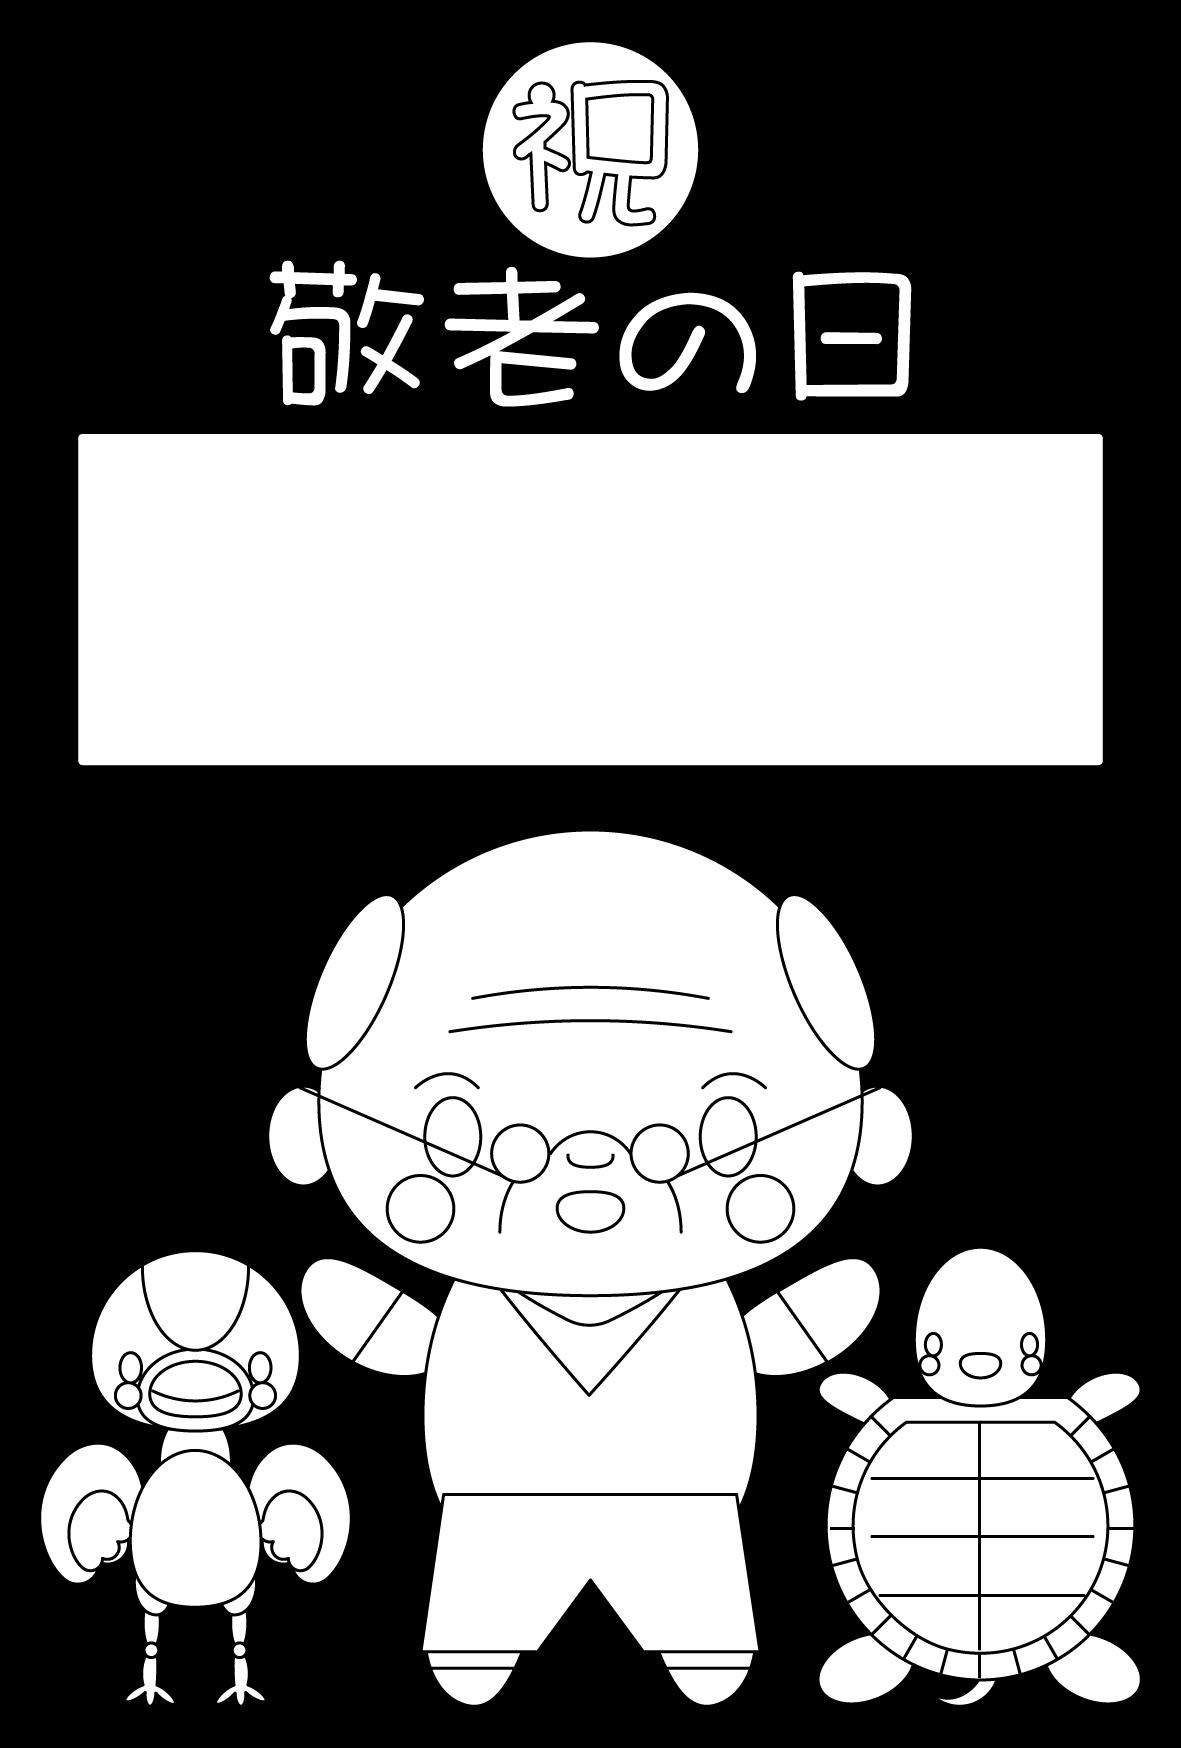 塗り絵に最適な白黒でかわいい敬老の日メッセージカード(おじいちゃん)2の無料イラスト・商用フリー